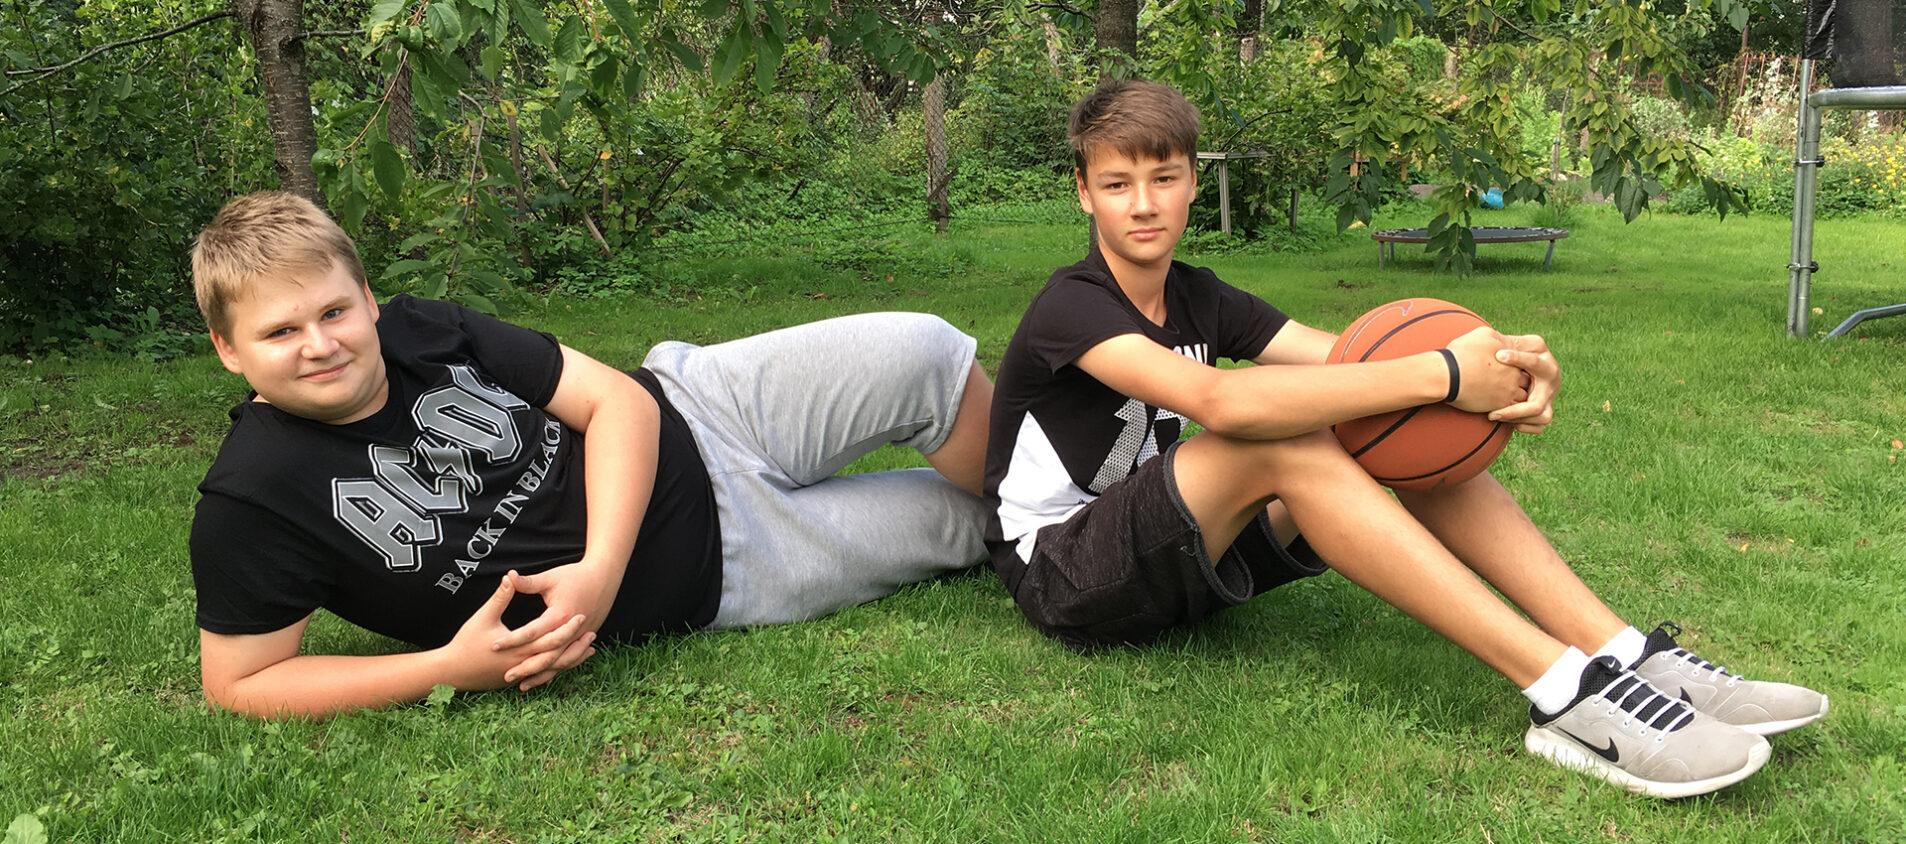 Andrei och Marten gillar olika saker, men är goda vänner ändå.